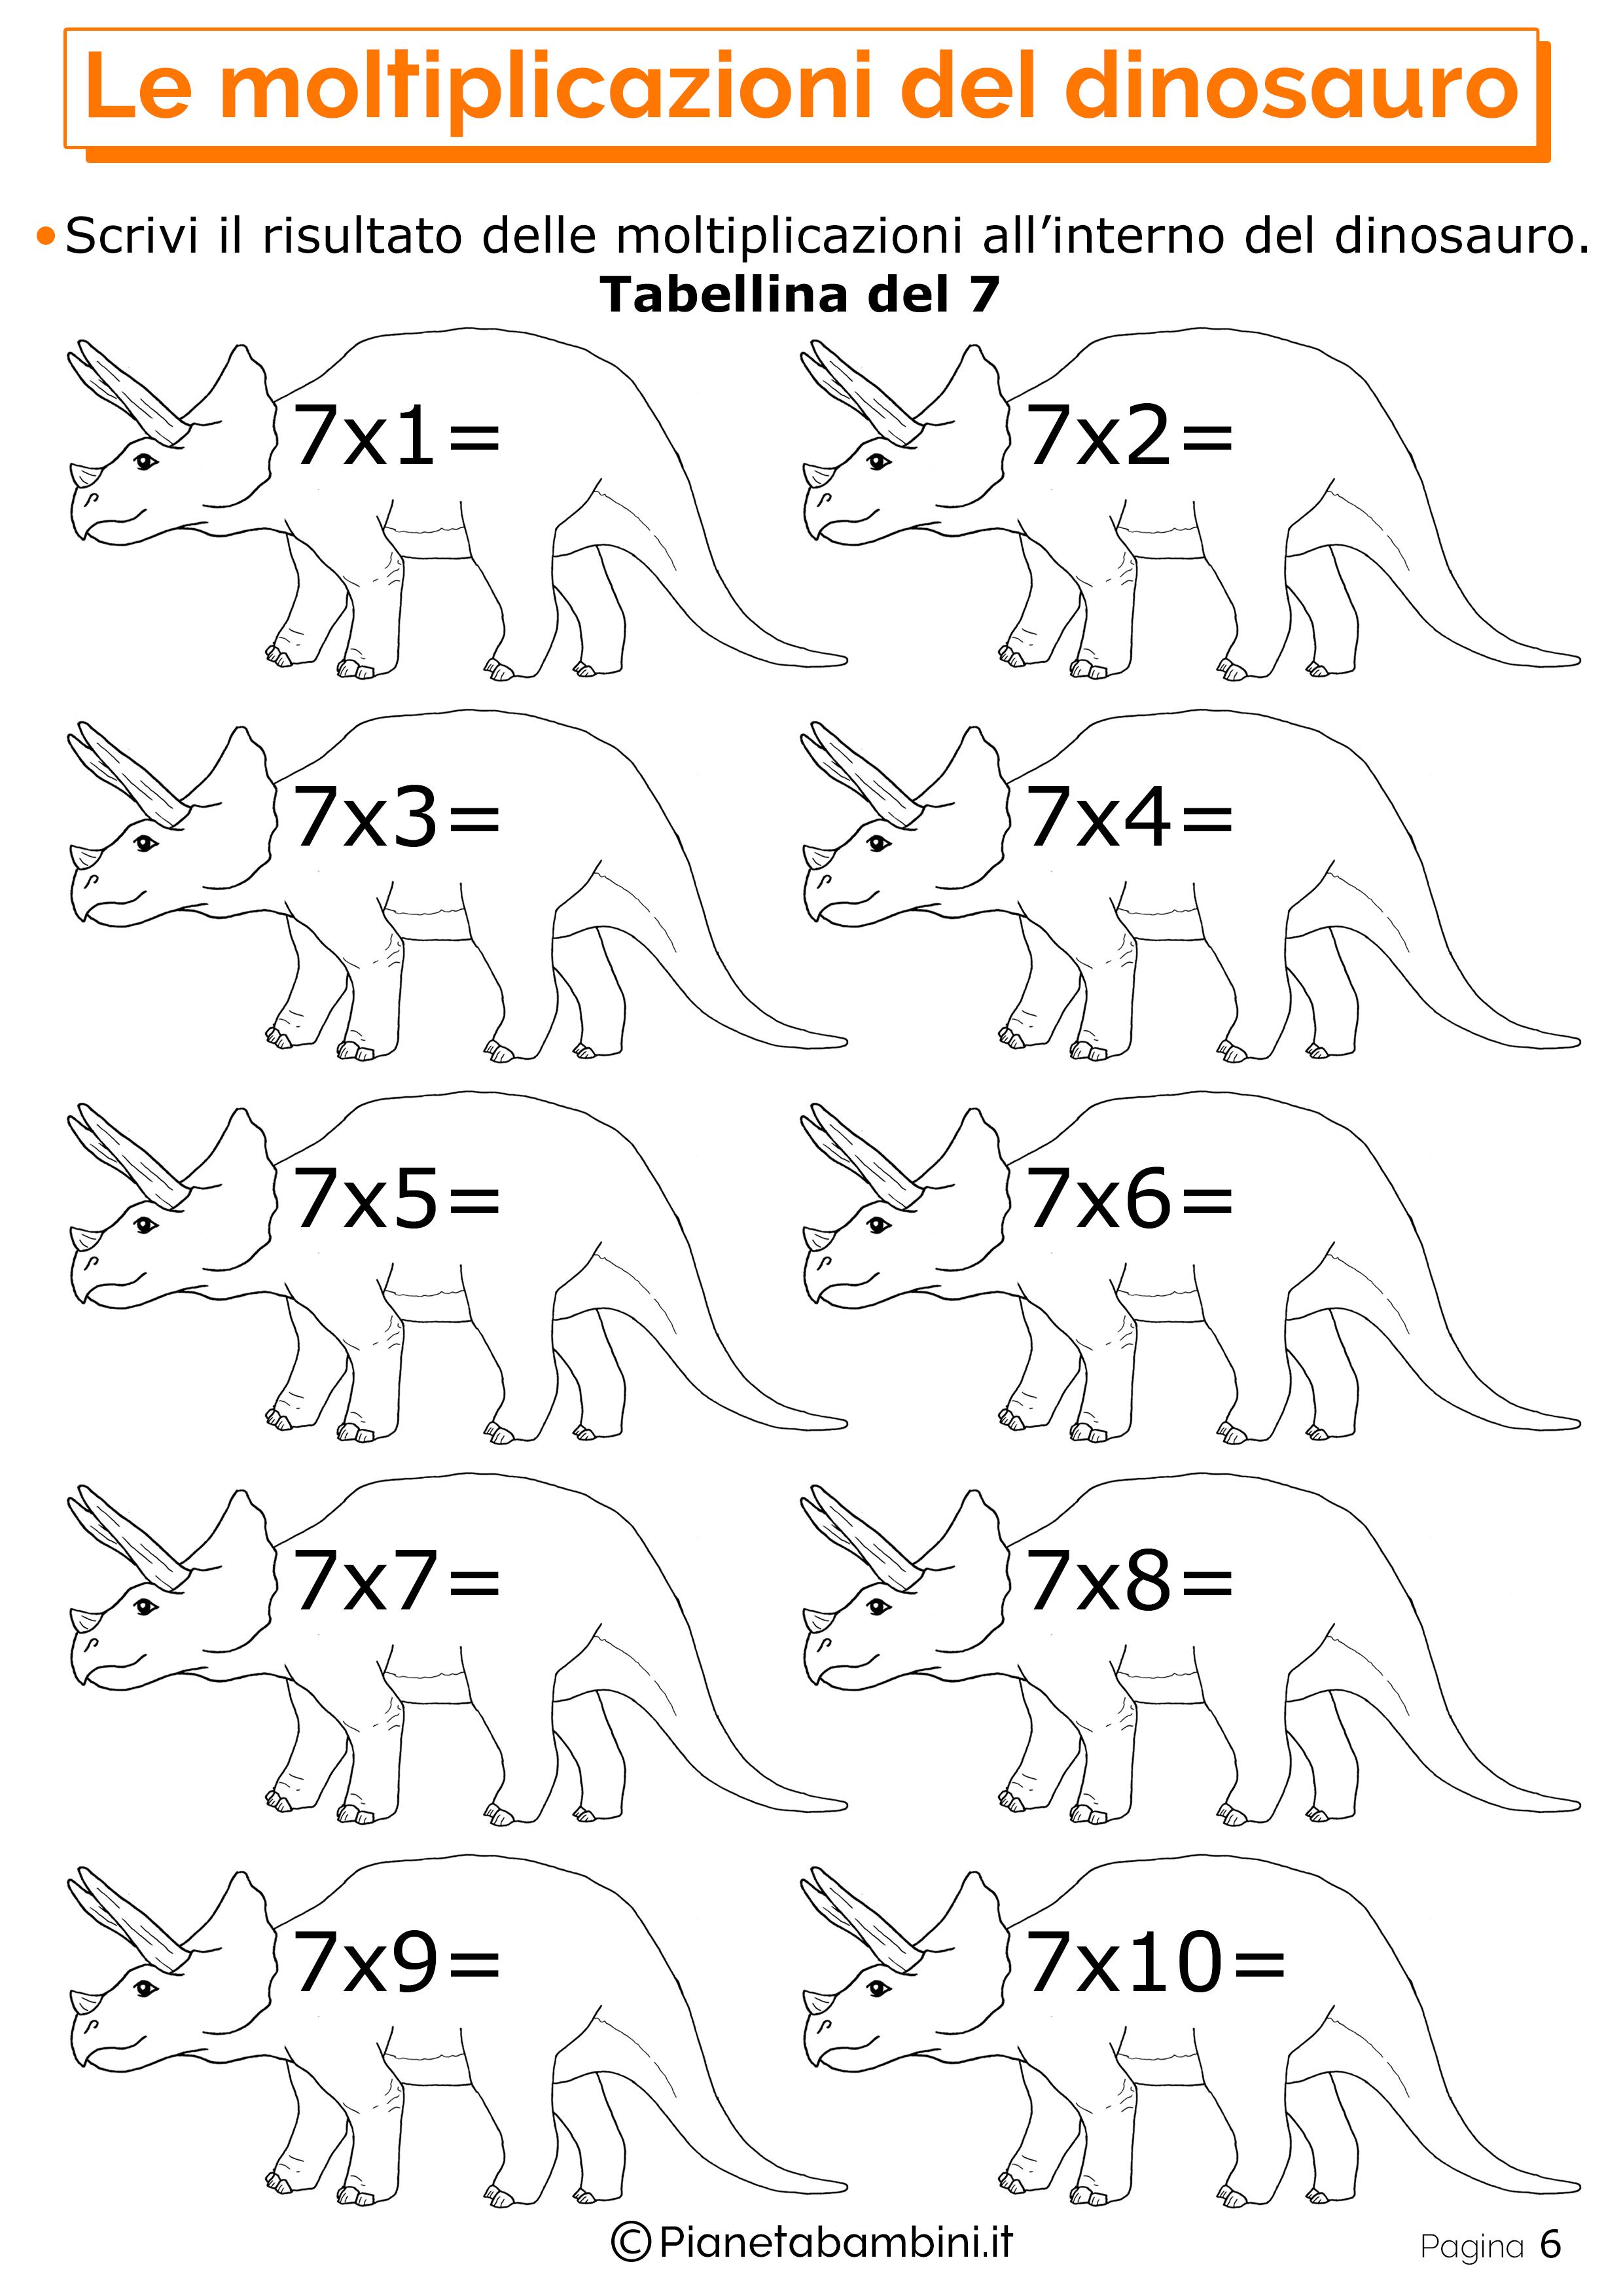 Moltiplicazioni-Dinosauro_6